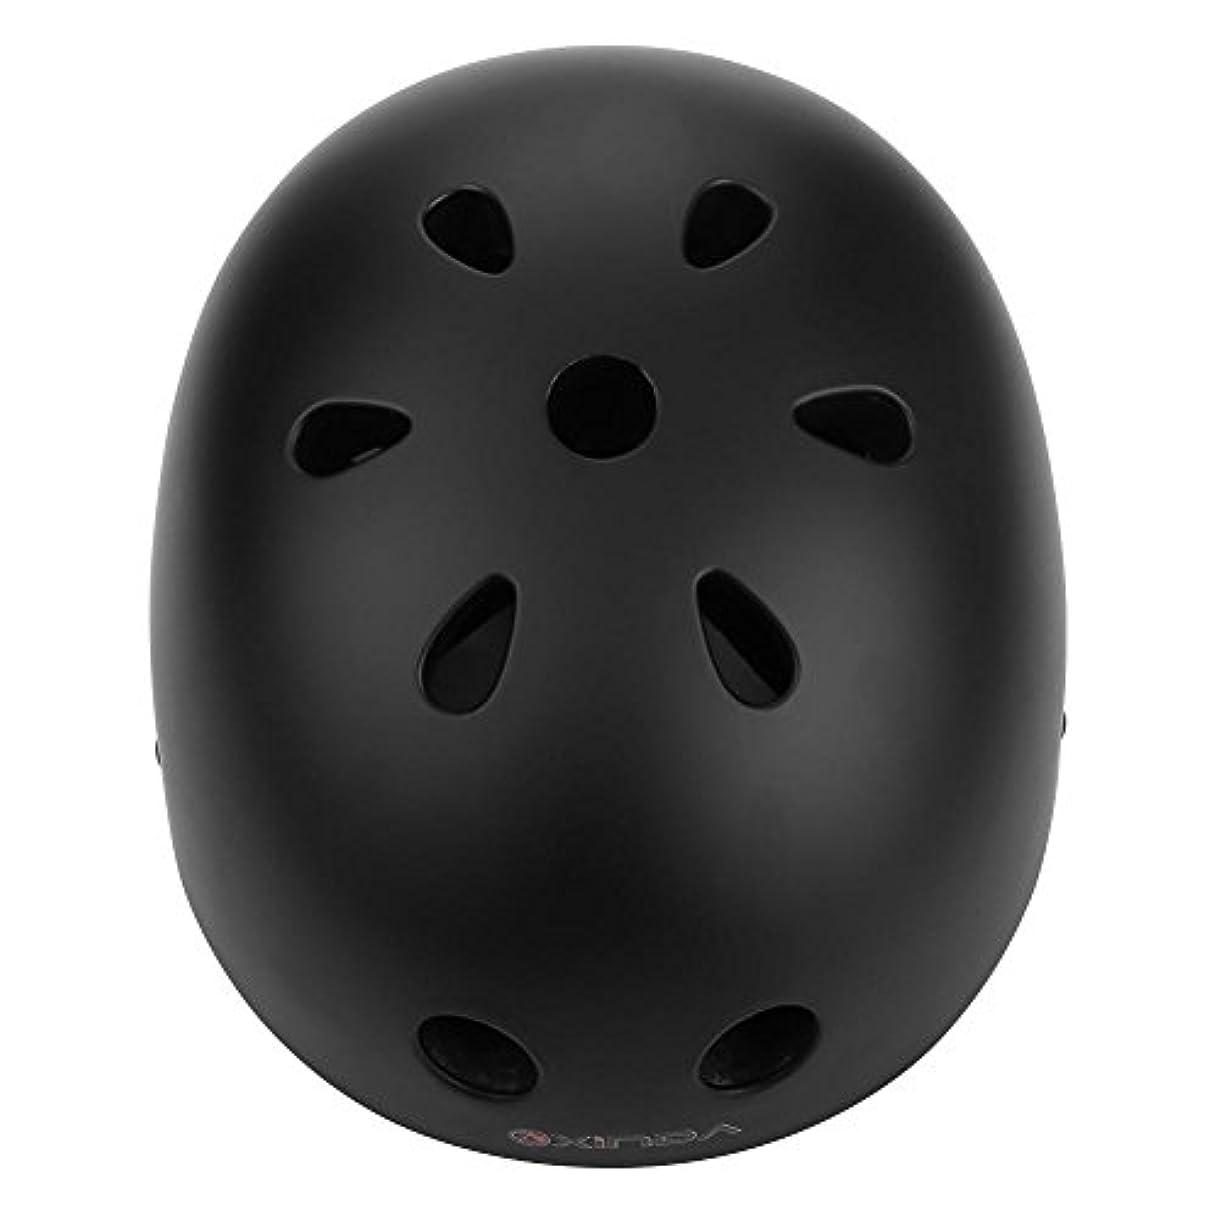 ウィスキー電子叙情的なヘルメット 登山 漂流 防護帽 アウトドア 装備 調整可能 安全保護 サイクリング 消防救援 洞窟探検 自転車などに適用 5色 S-L